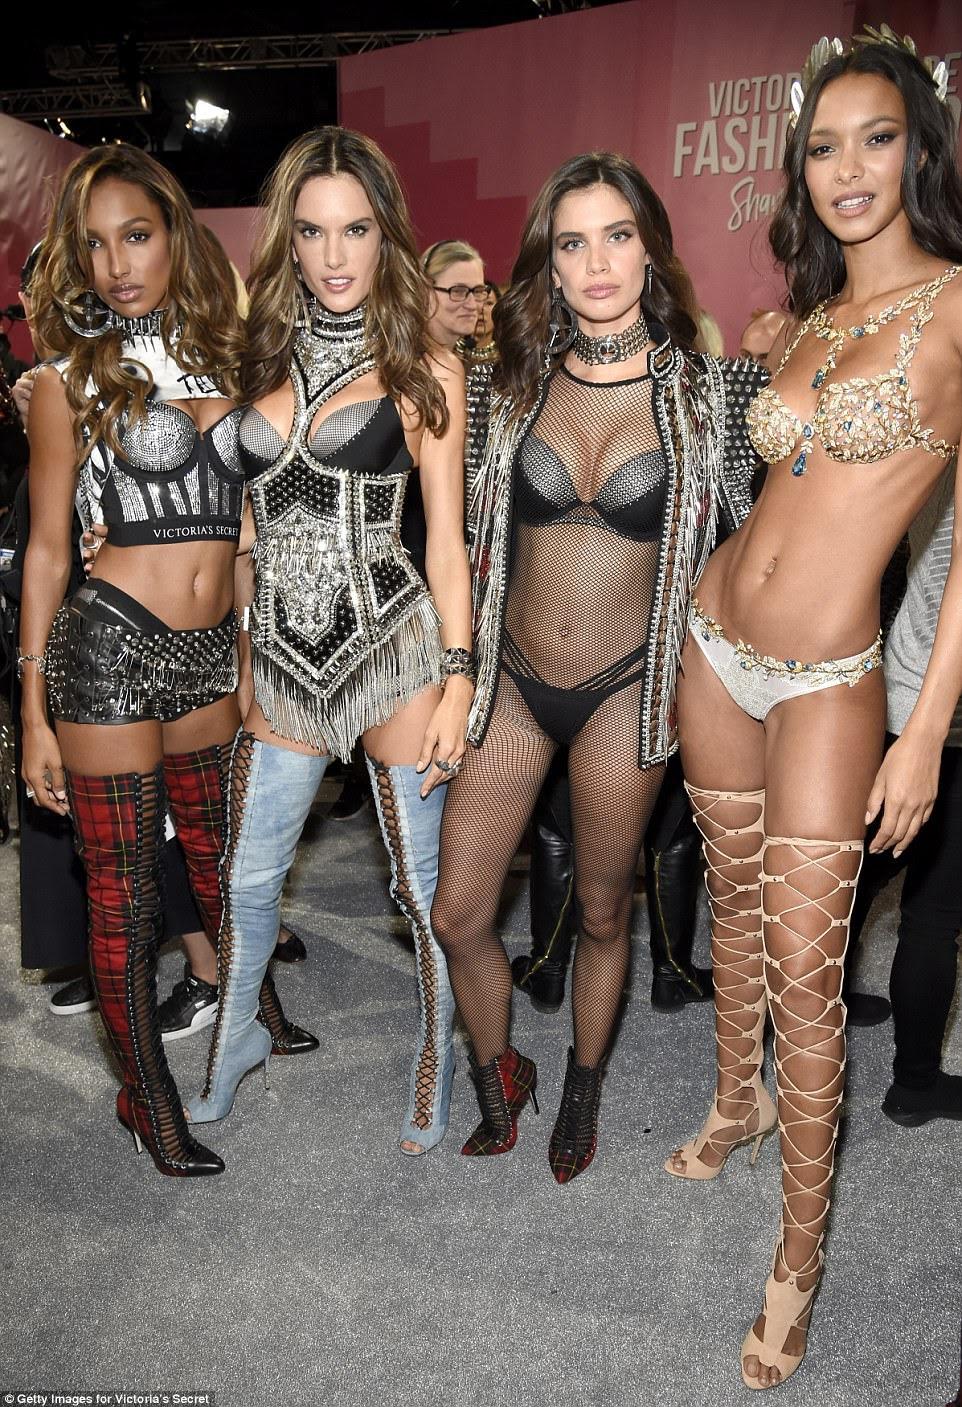 Nos bastidores: Alessandra colocou ao lado de seus colegas Angels Lais Ribeiro e Adriana nos bastidores